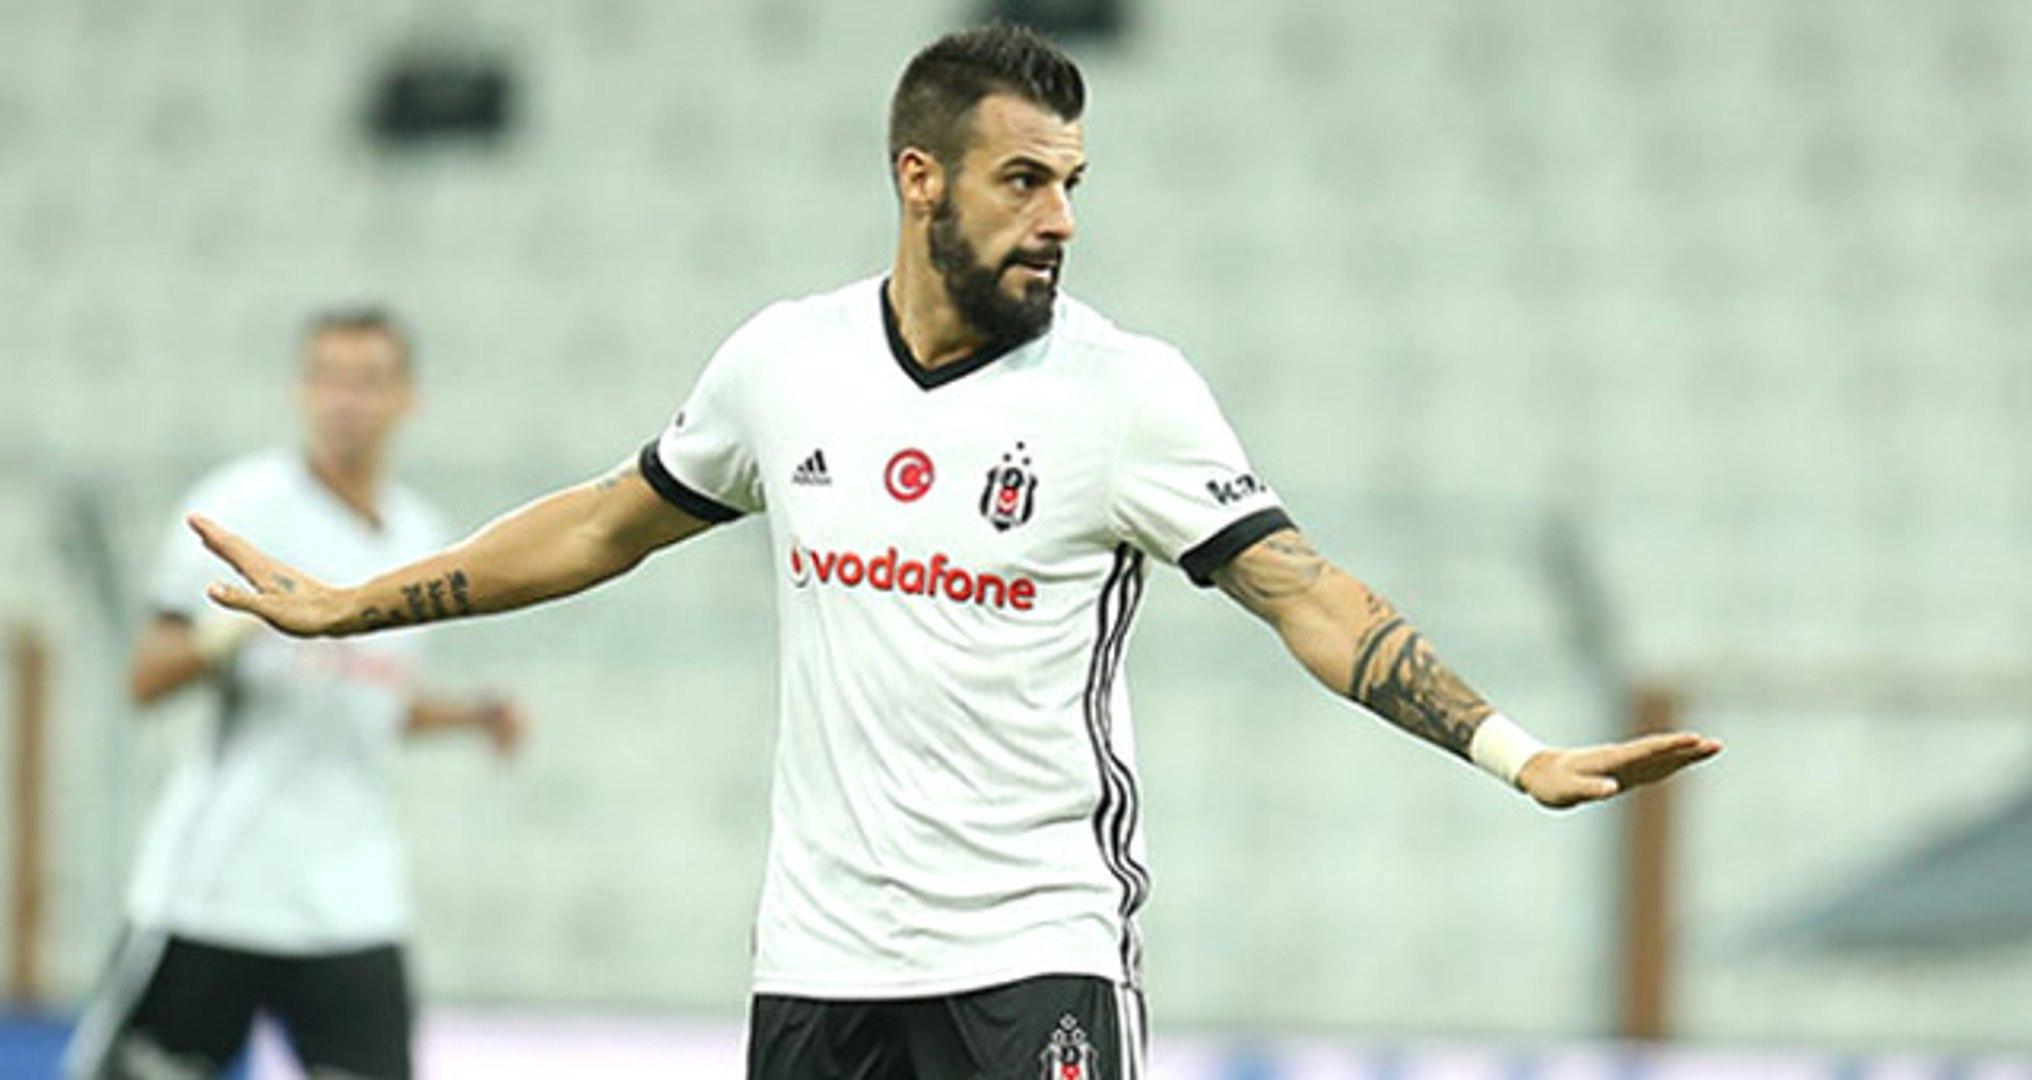 Çin'den Alvaro Negredo İçin Beşiktaş'a 7 Milyon Euroluk Teklif Geldi